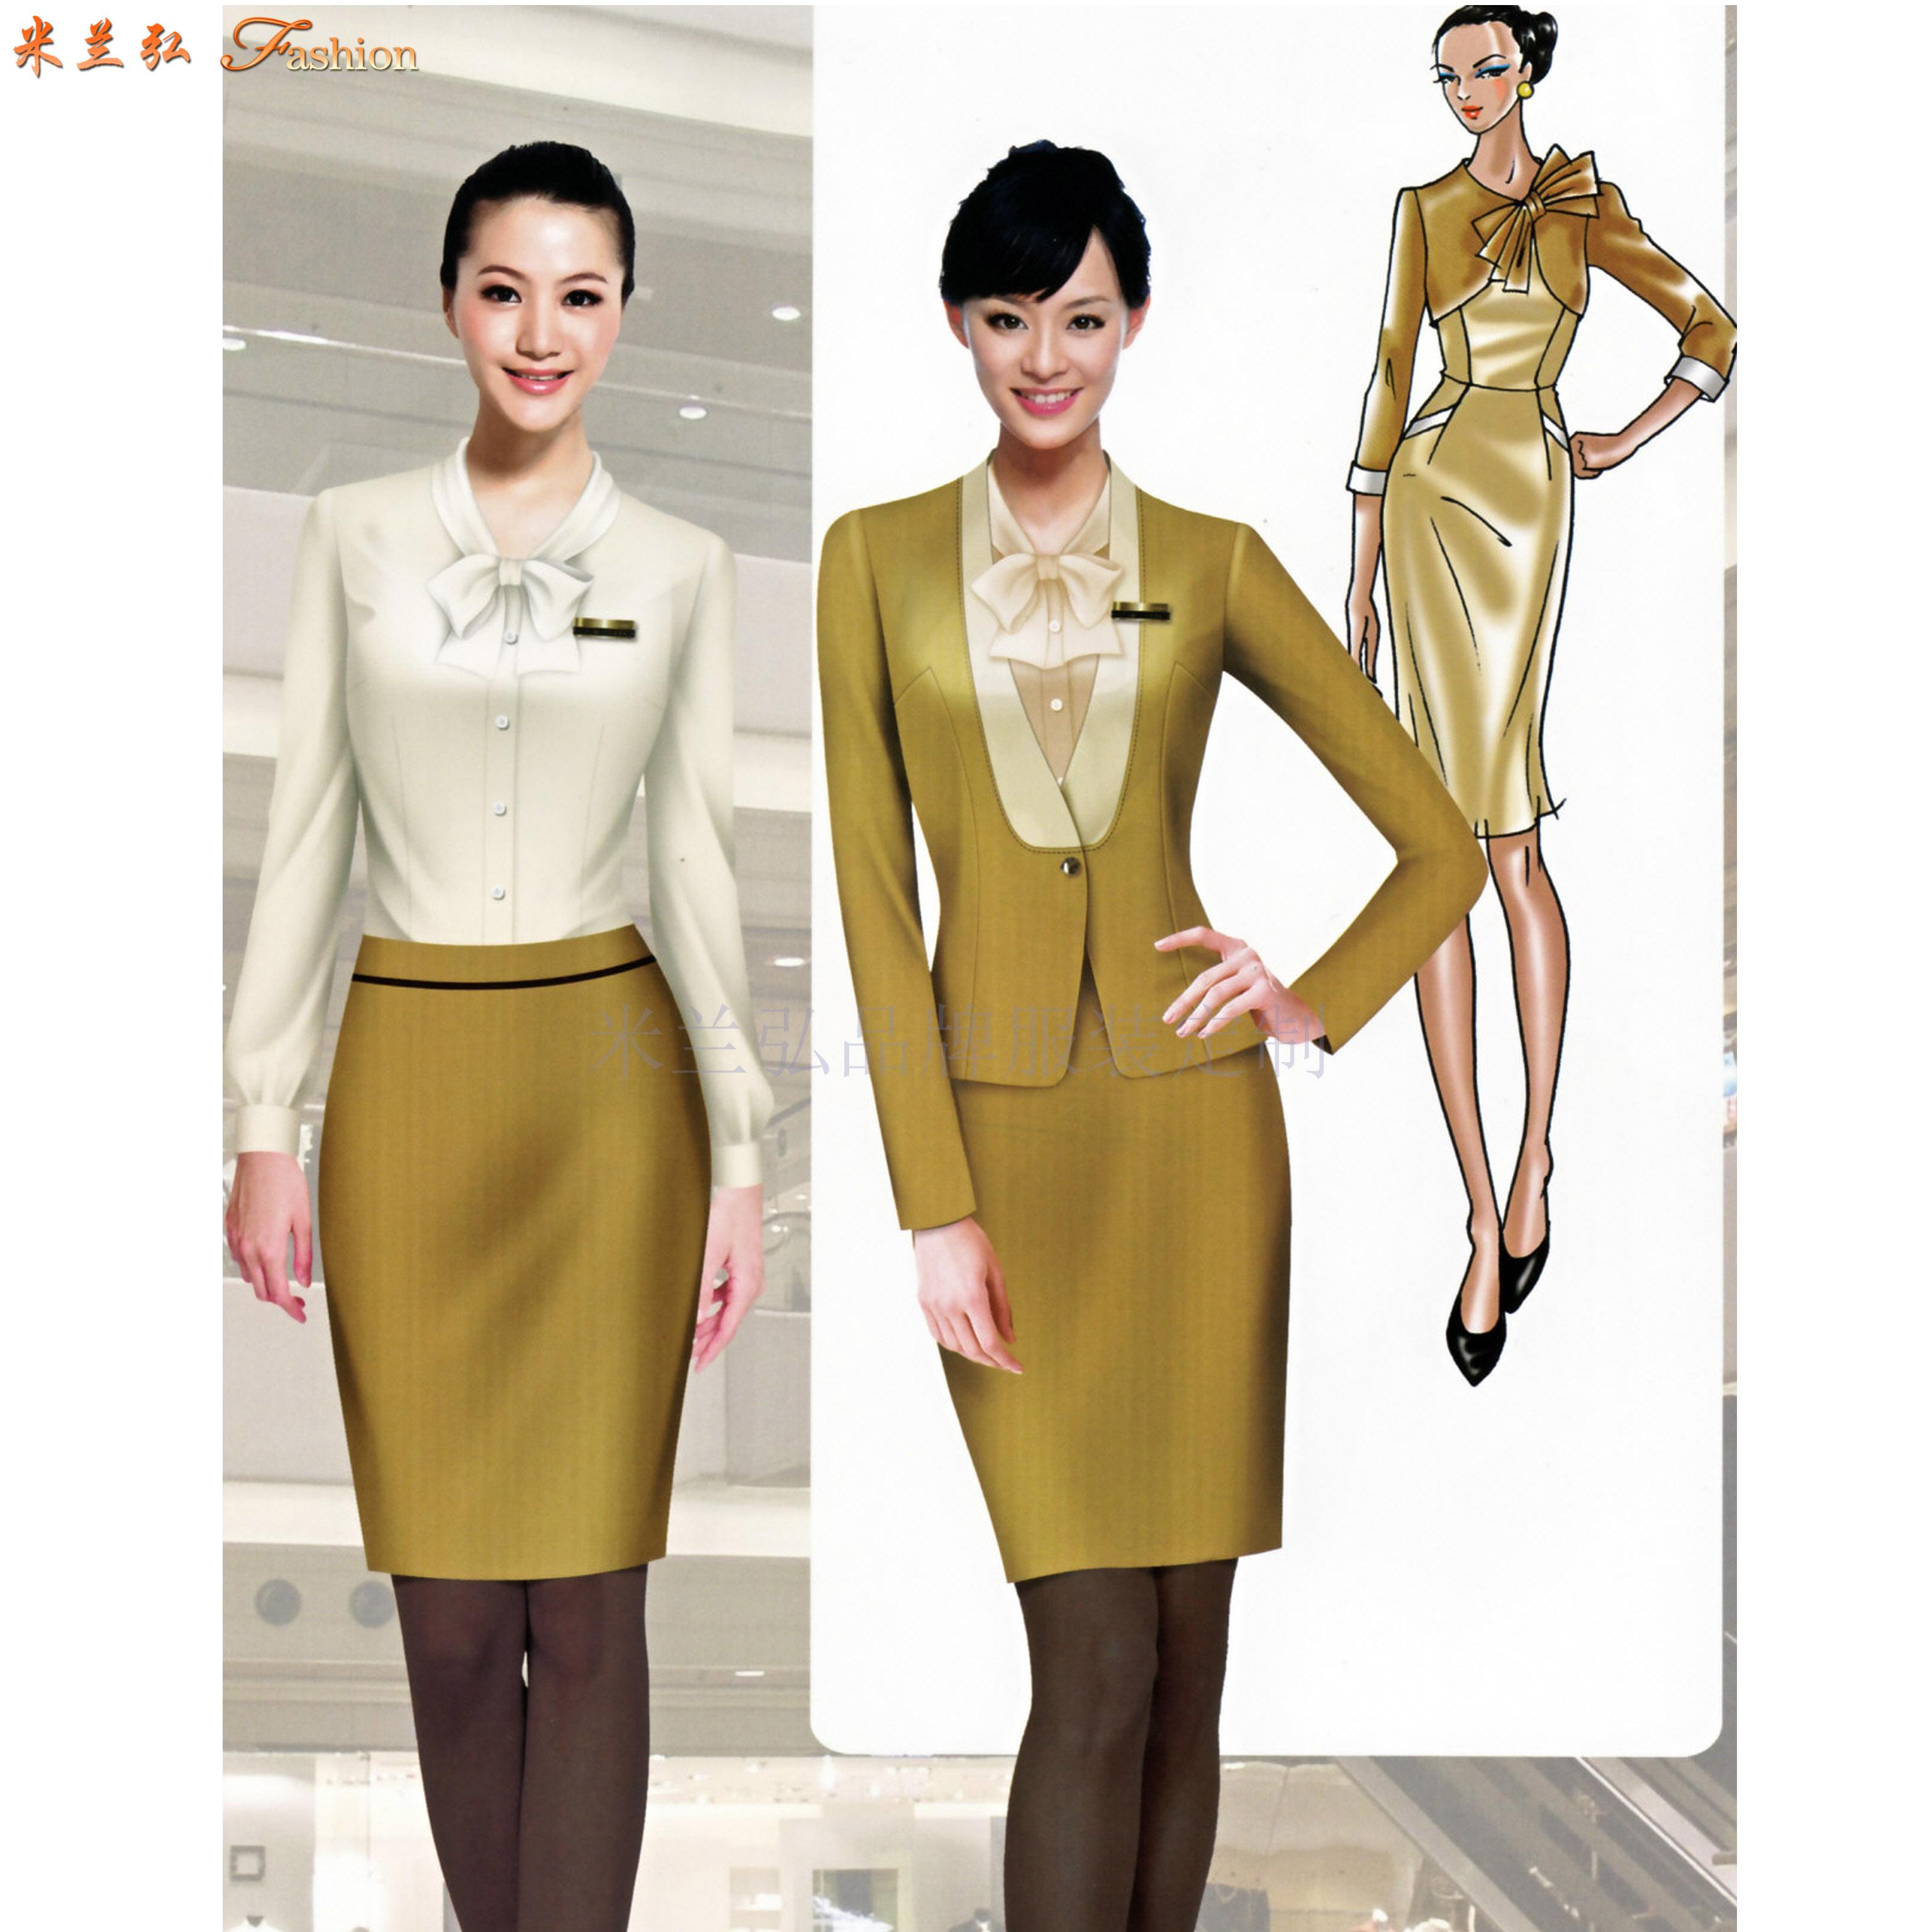 「服装设计」工作服设计的3个性质及类别-米兰弘服装-1